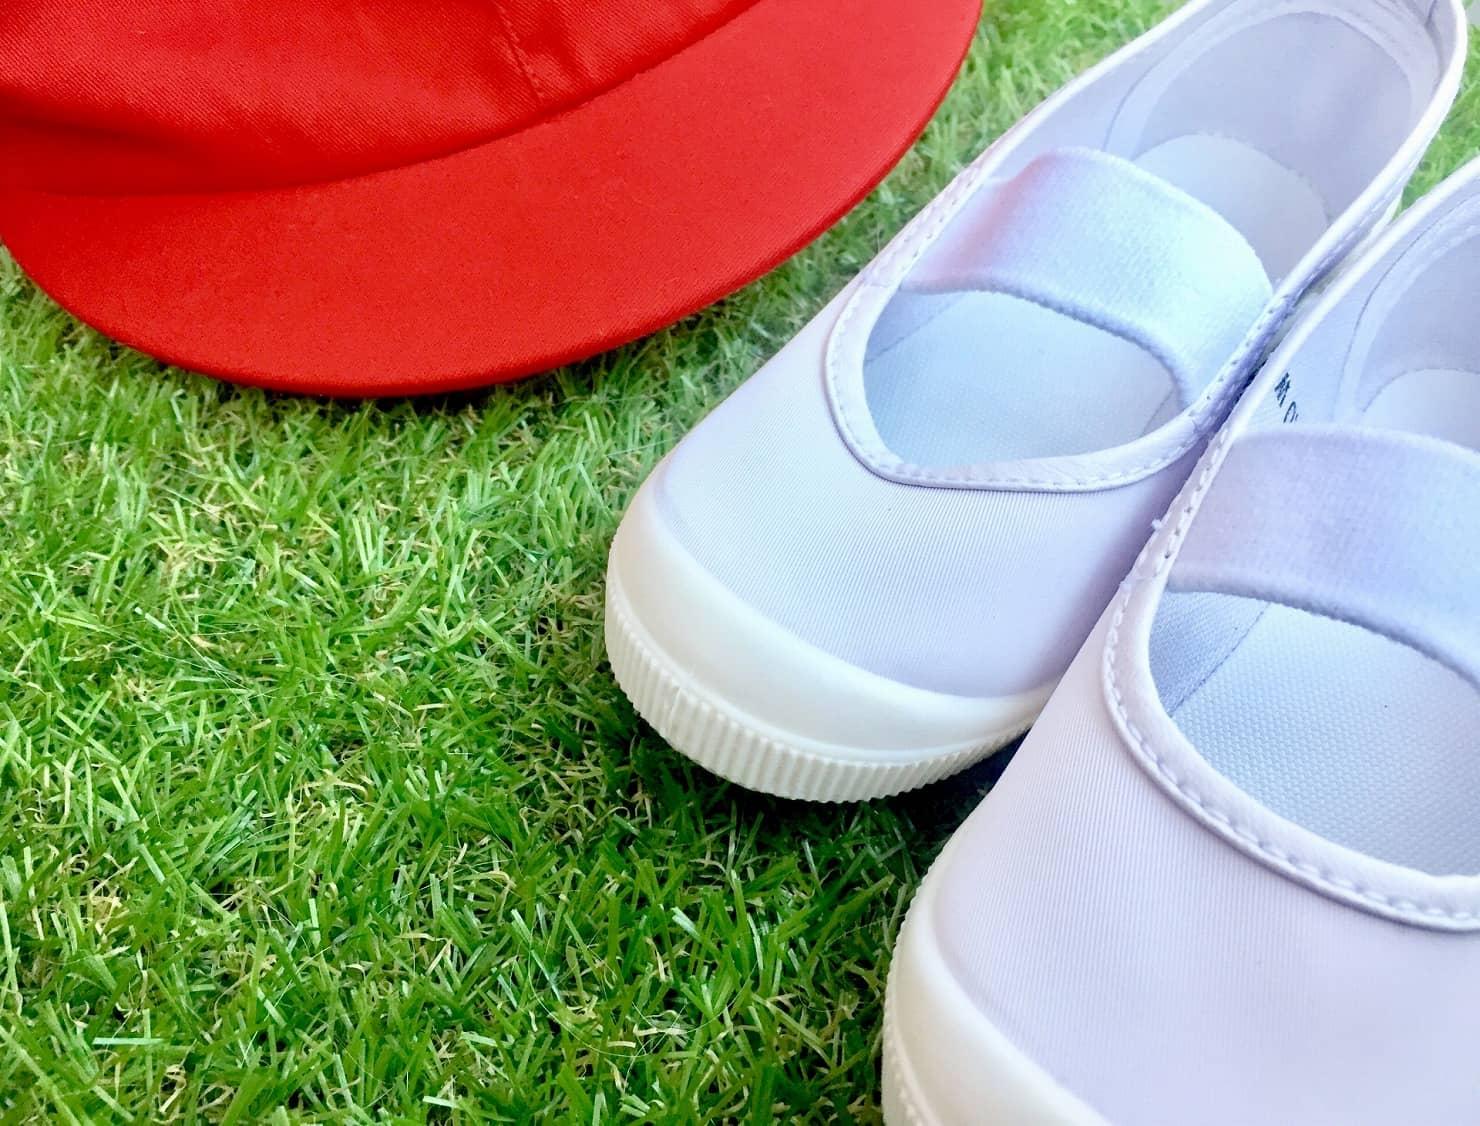 子供用上履きの種類と選び方、購入時にチェックしておきたいポイントは?